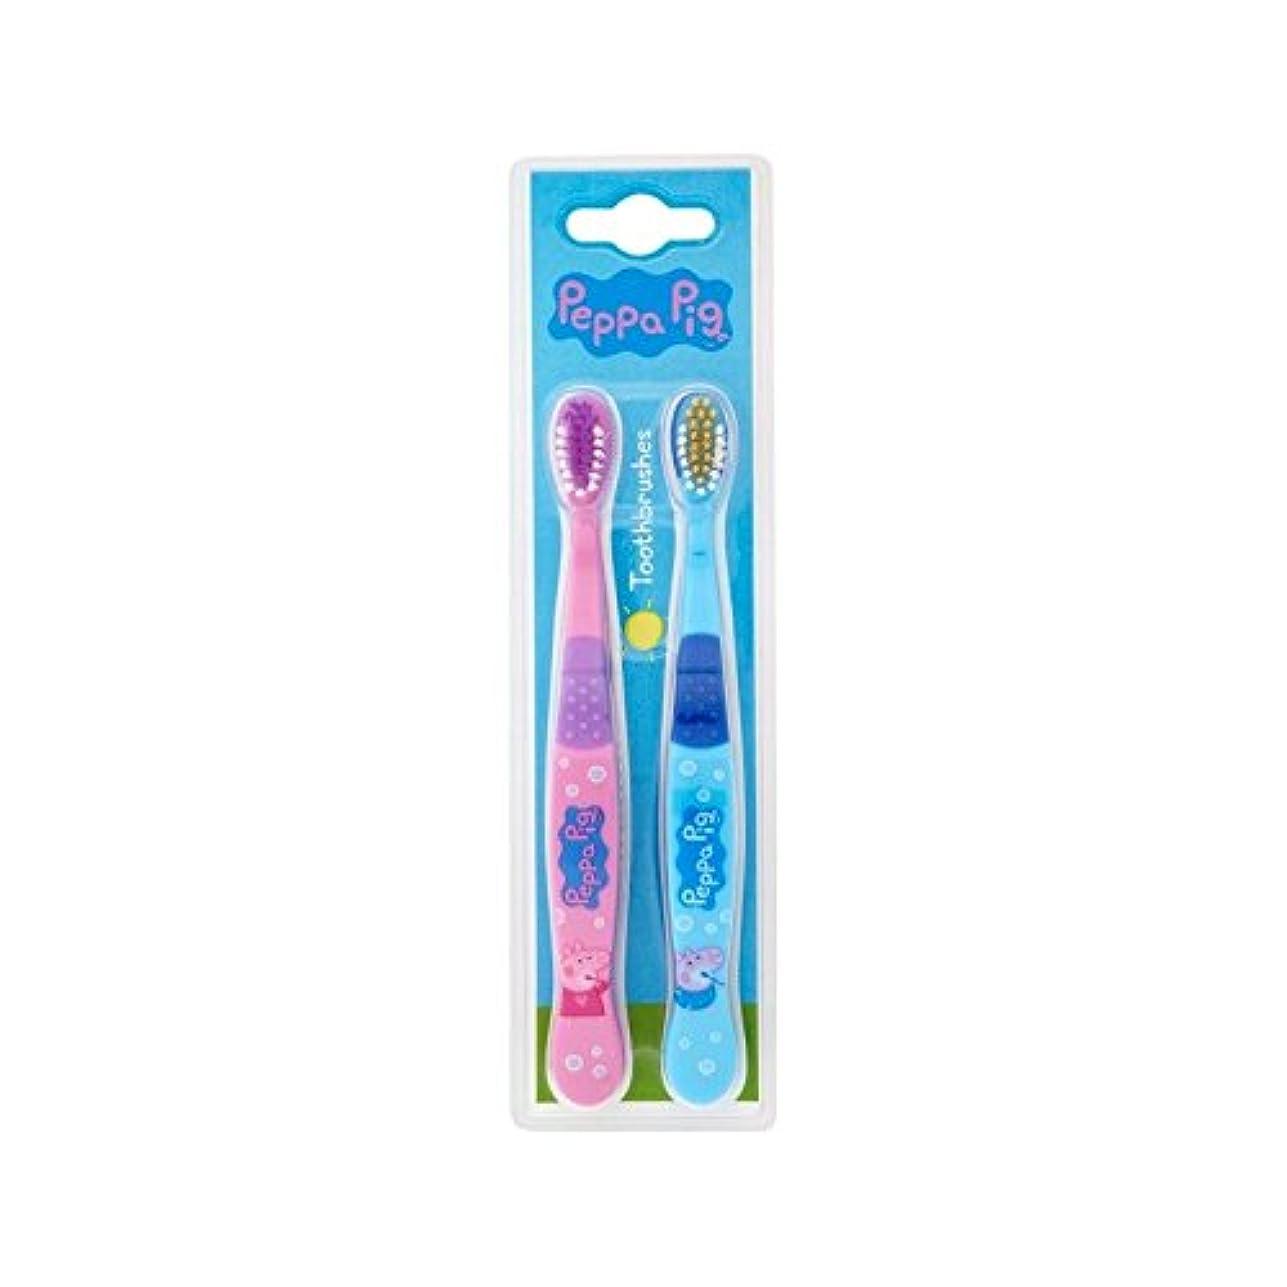 策定する費用暗殺1パックツイン歯ブラシ2 (Peppa Pig) (x 6) - Peppa Pig Twin Toothbrush 2 per pack (Pack of 6) [並行輸入品]